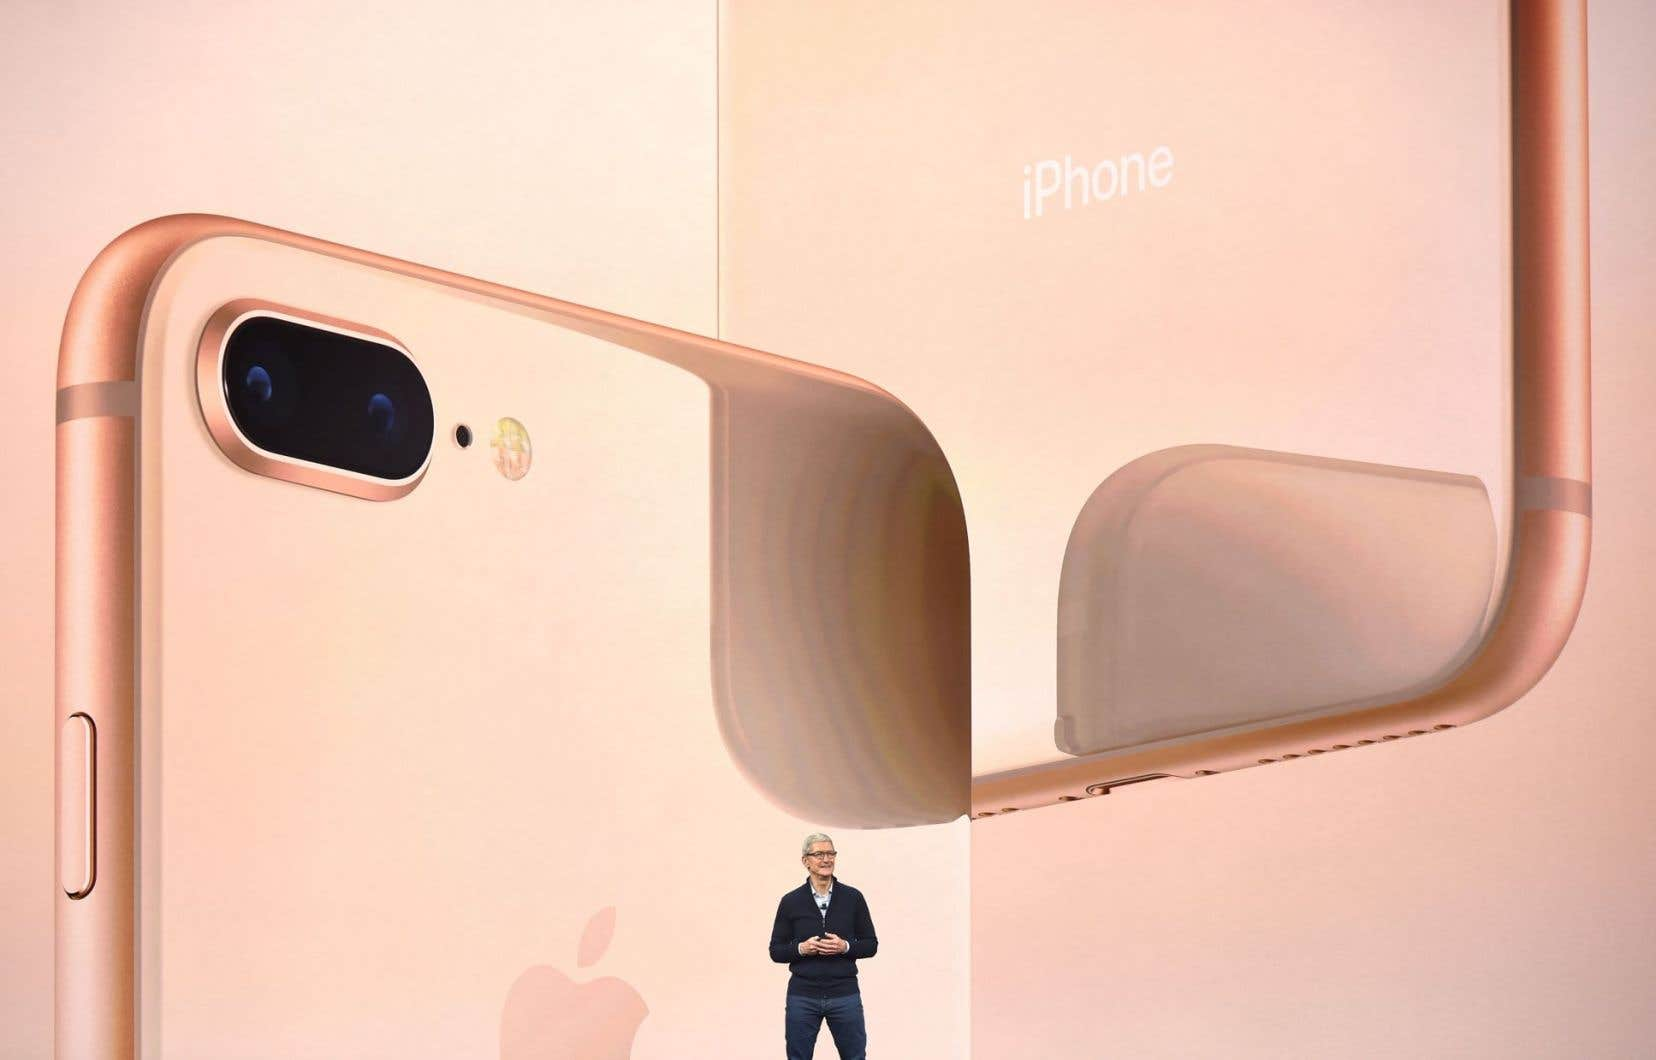 Selon Tim Cook, le p.-d.g. d'Apple, le modèle anniversaire d'iPhone «va ouvrir la voie à la technologie pour la prochaine décennie».